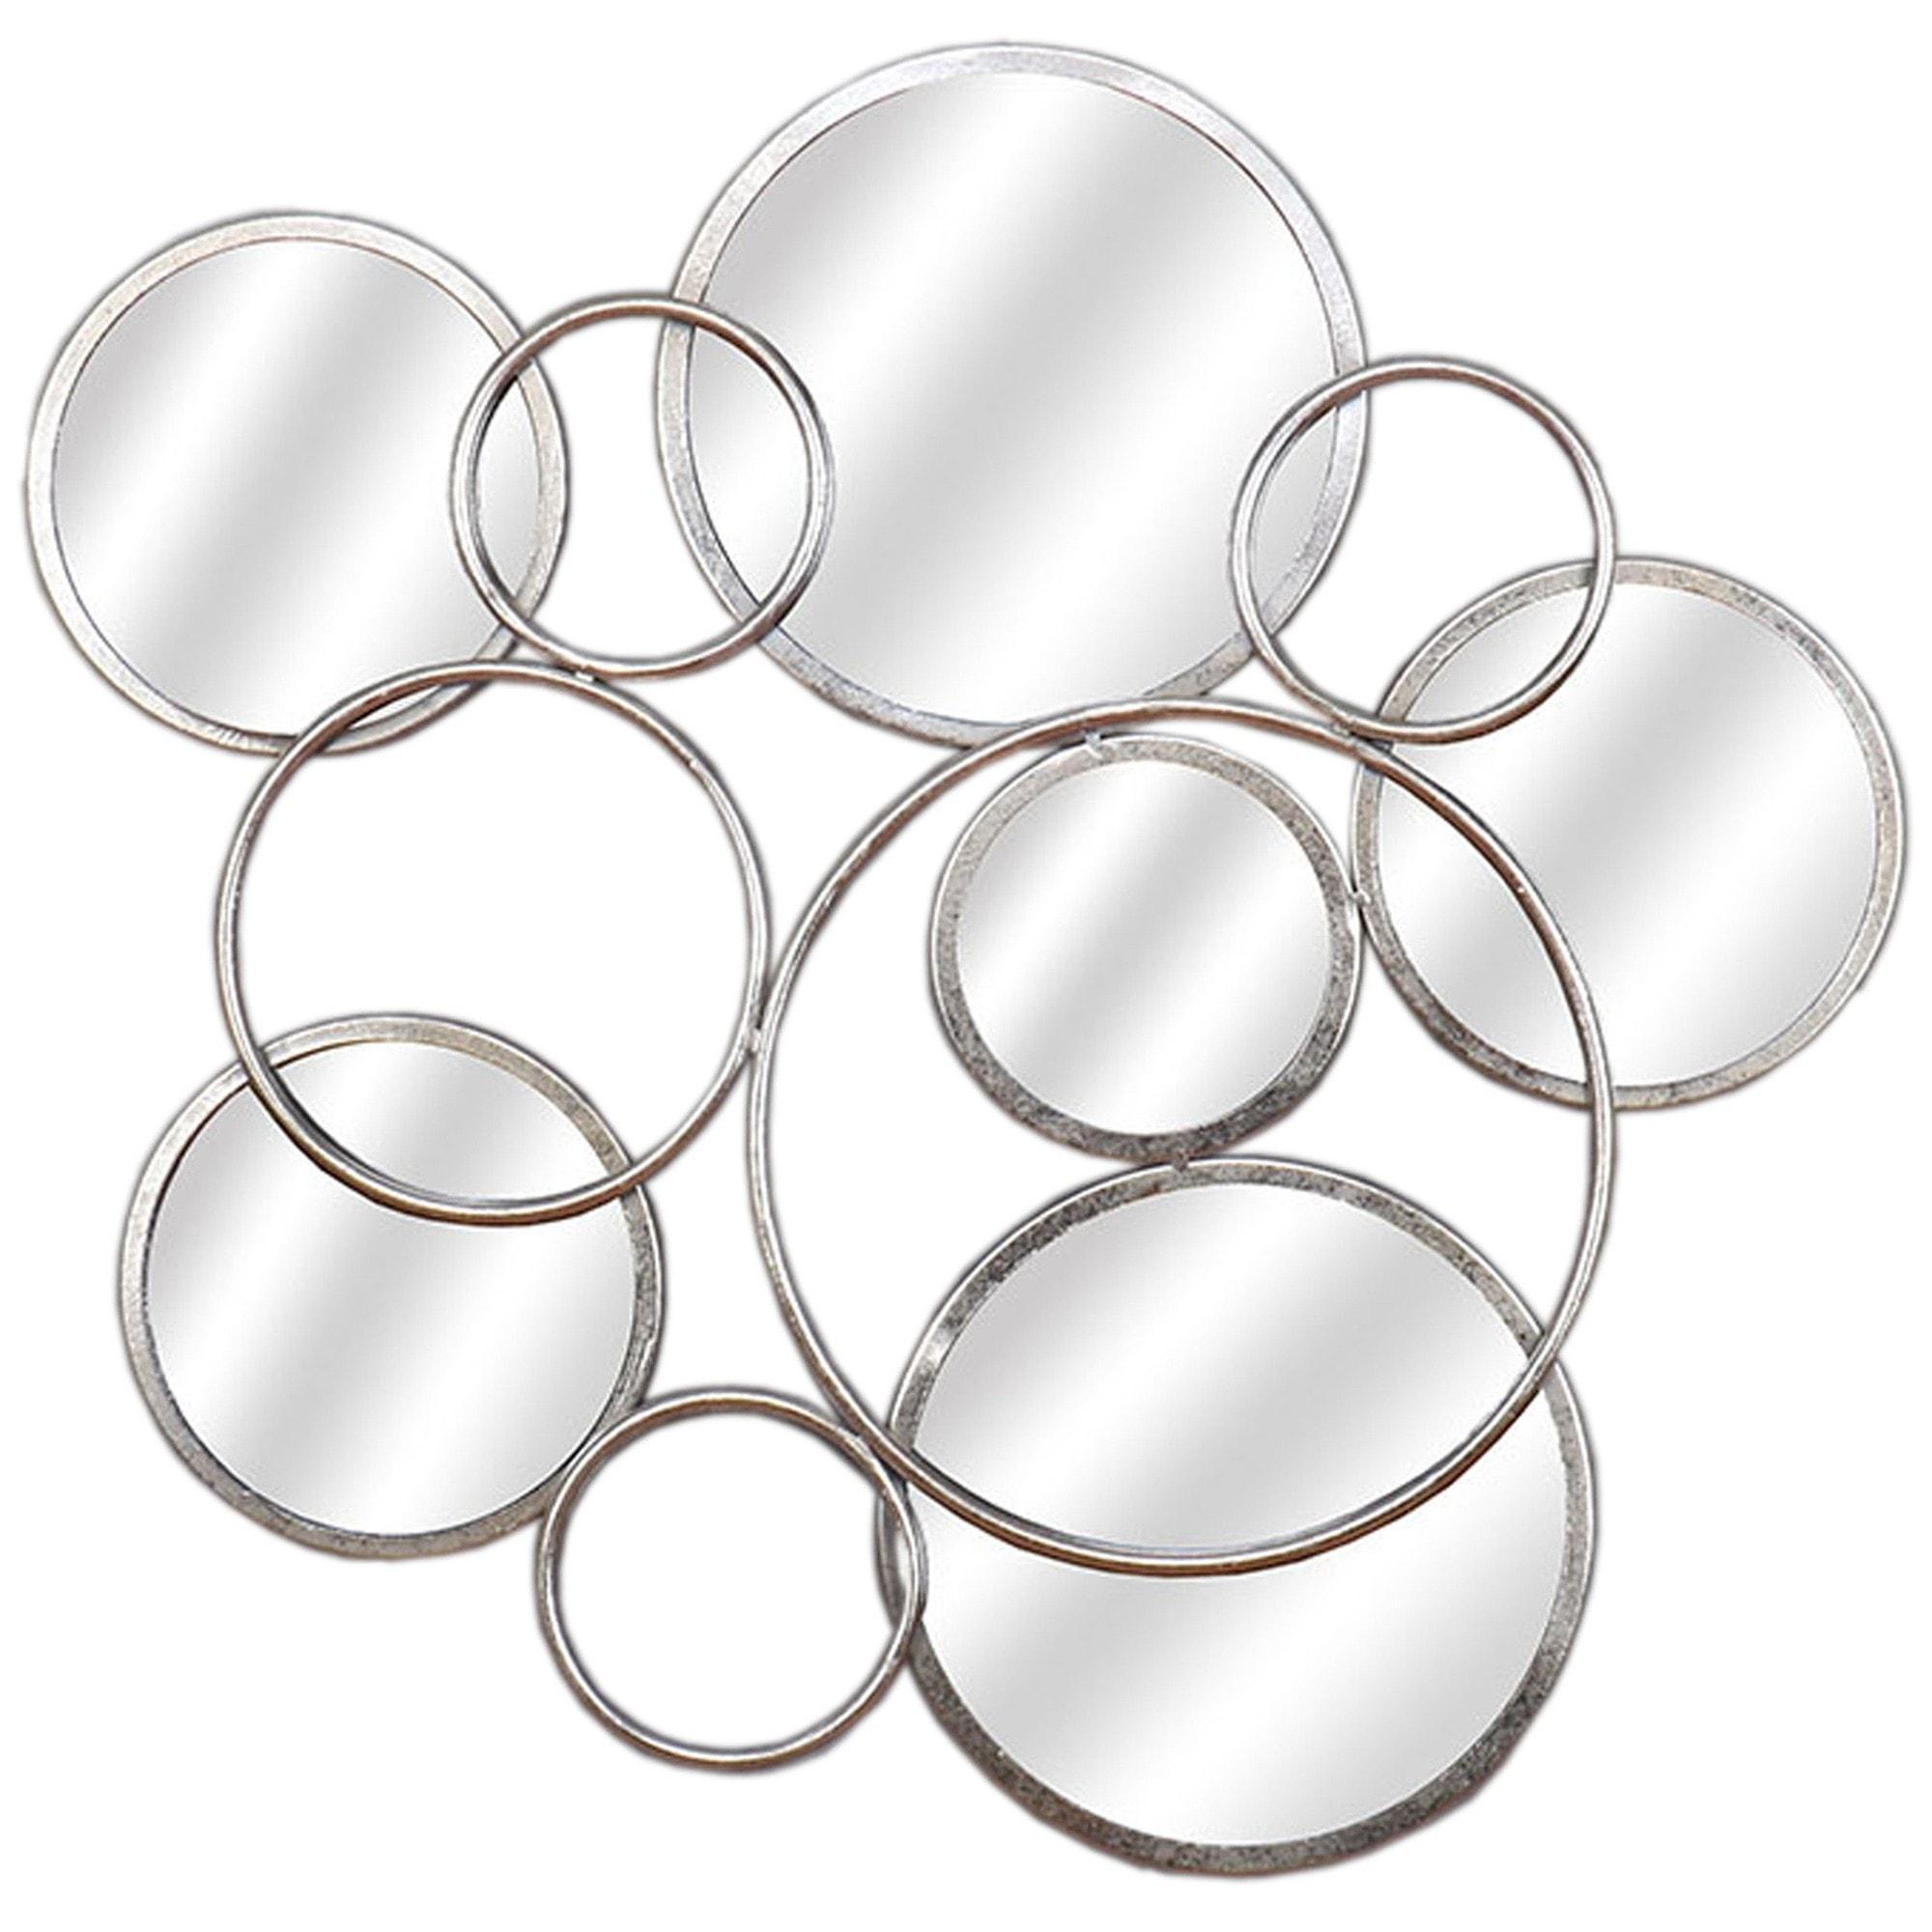 Silver Circular Abstract Mirrored Wall Art Mirrored Wall Art Wall Art